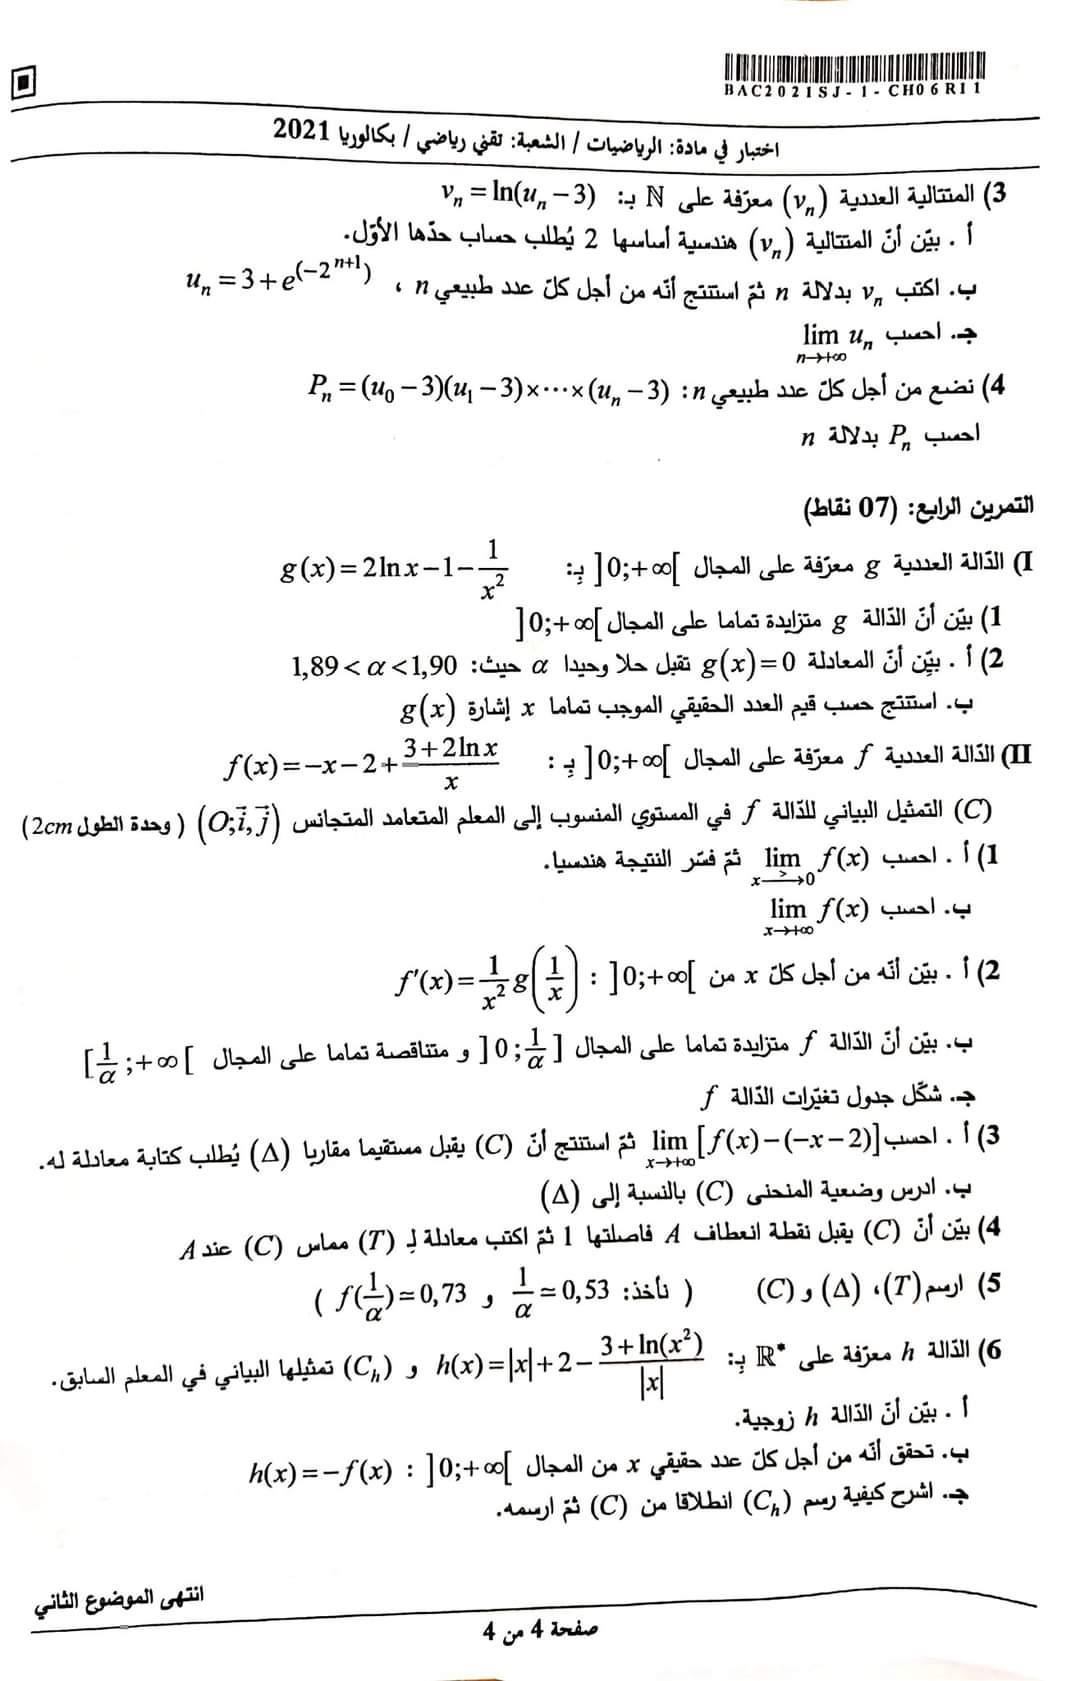 موضوع الرياضيات بكالوريا 2021 شعبة تقني رياضي